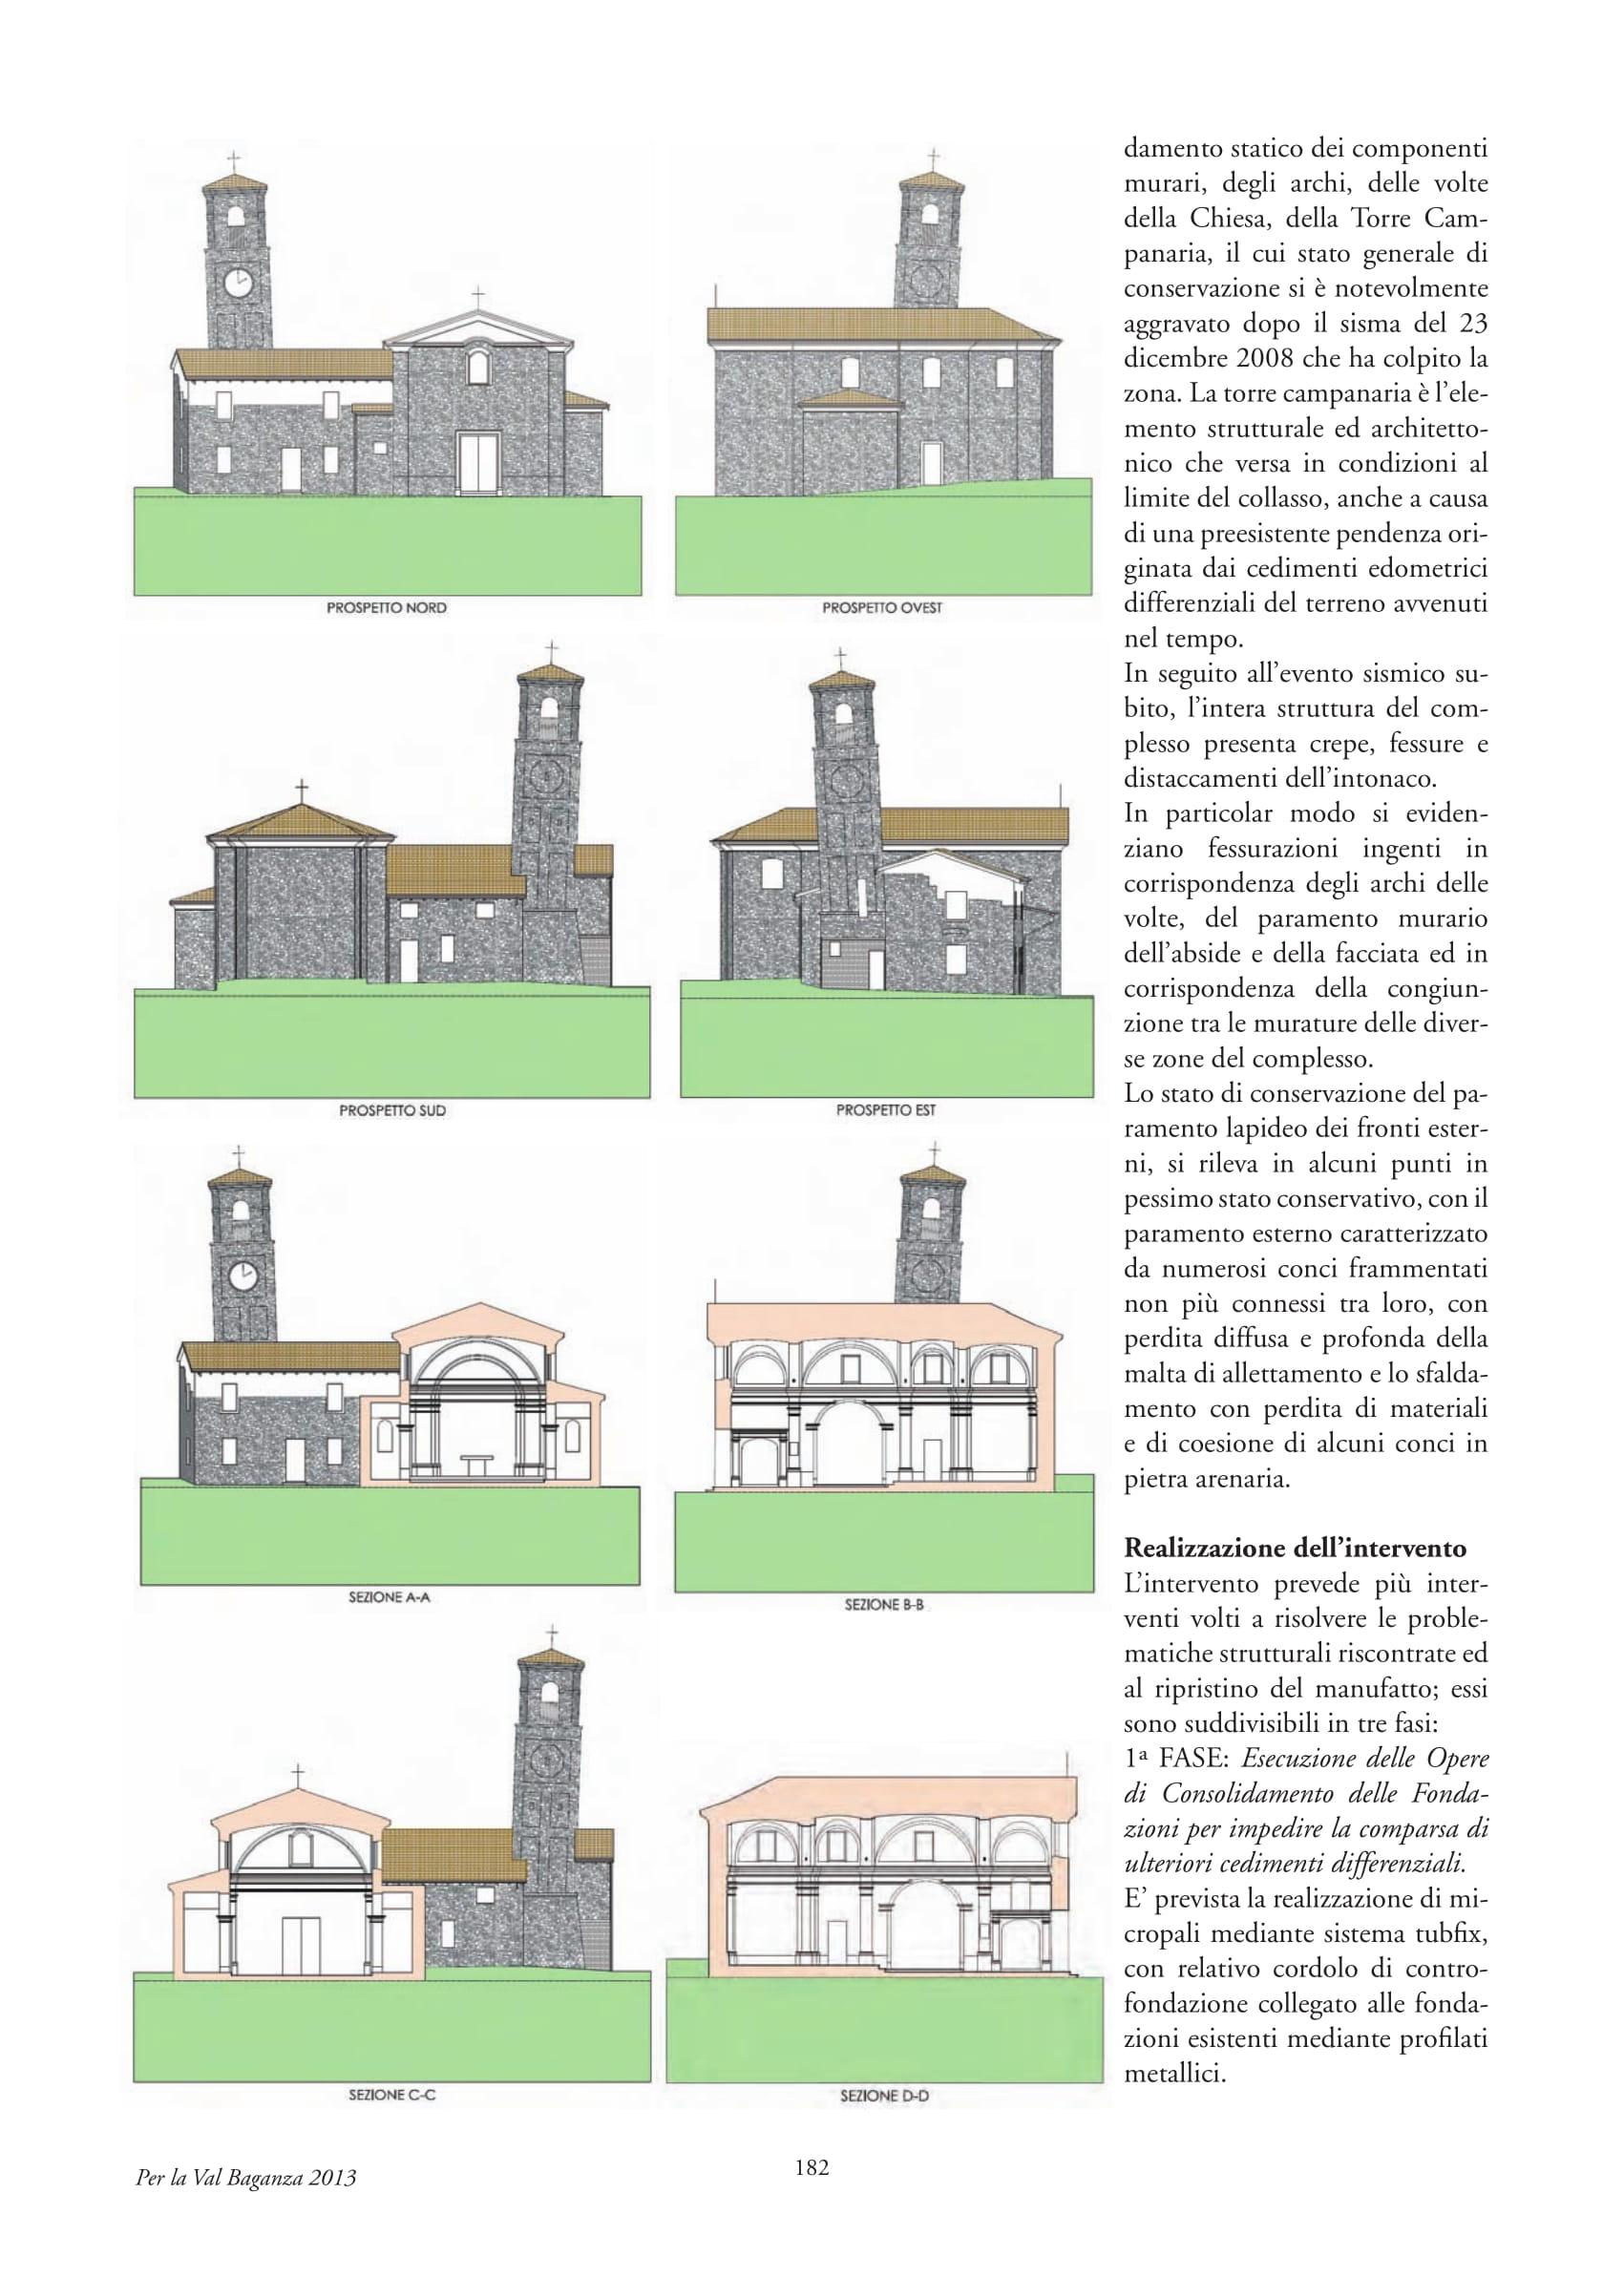 Interventi di ristrutturazione nella chiesa di Barbiano (PR) - ITON SRL